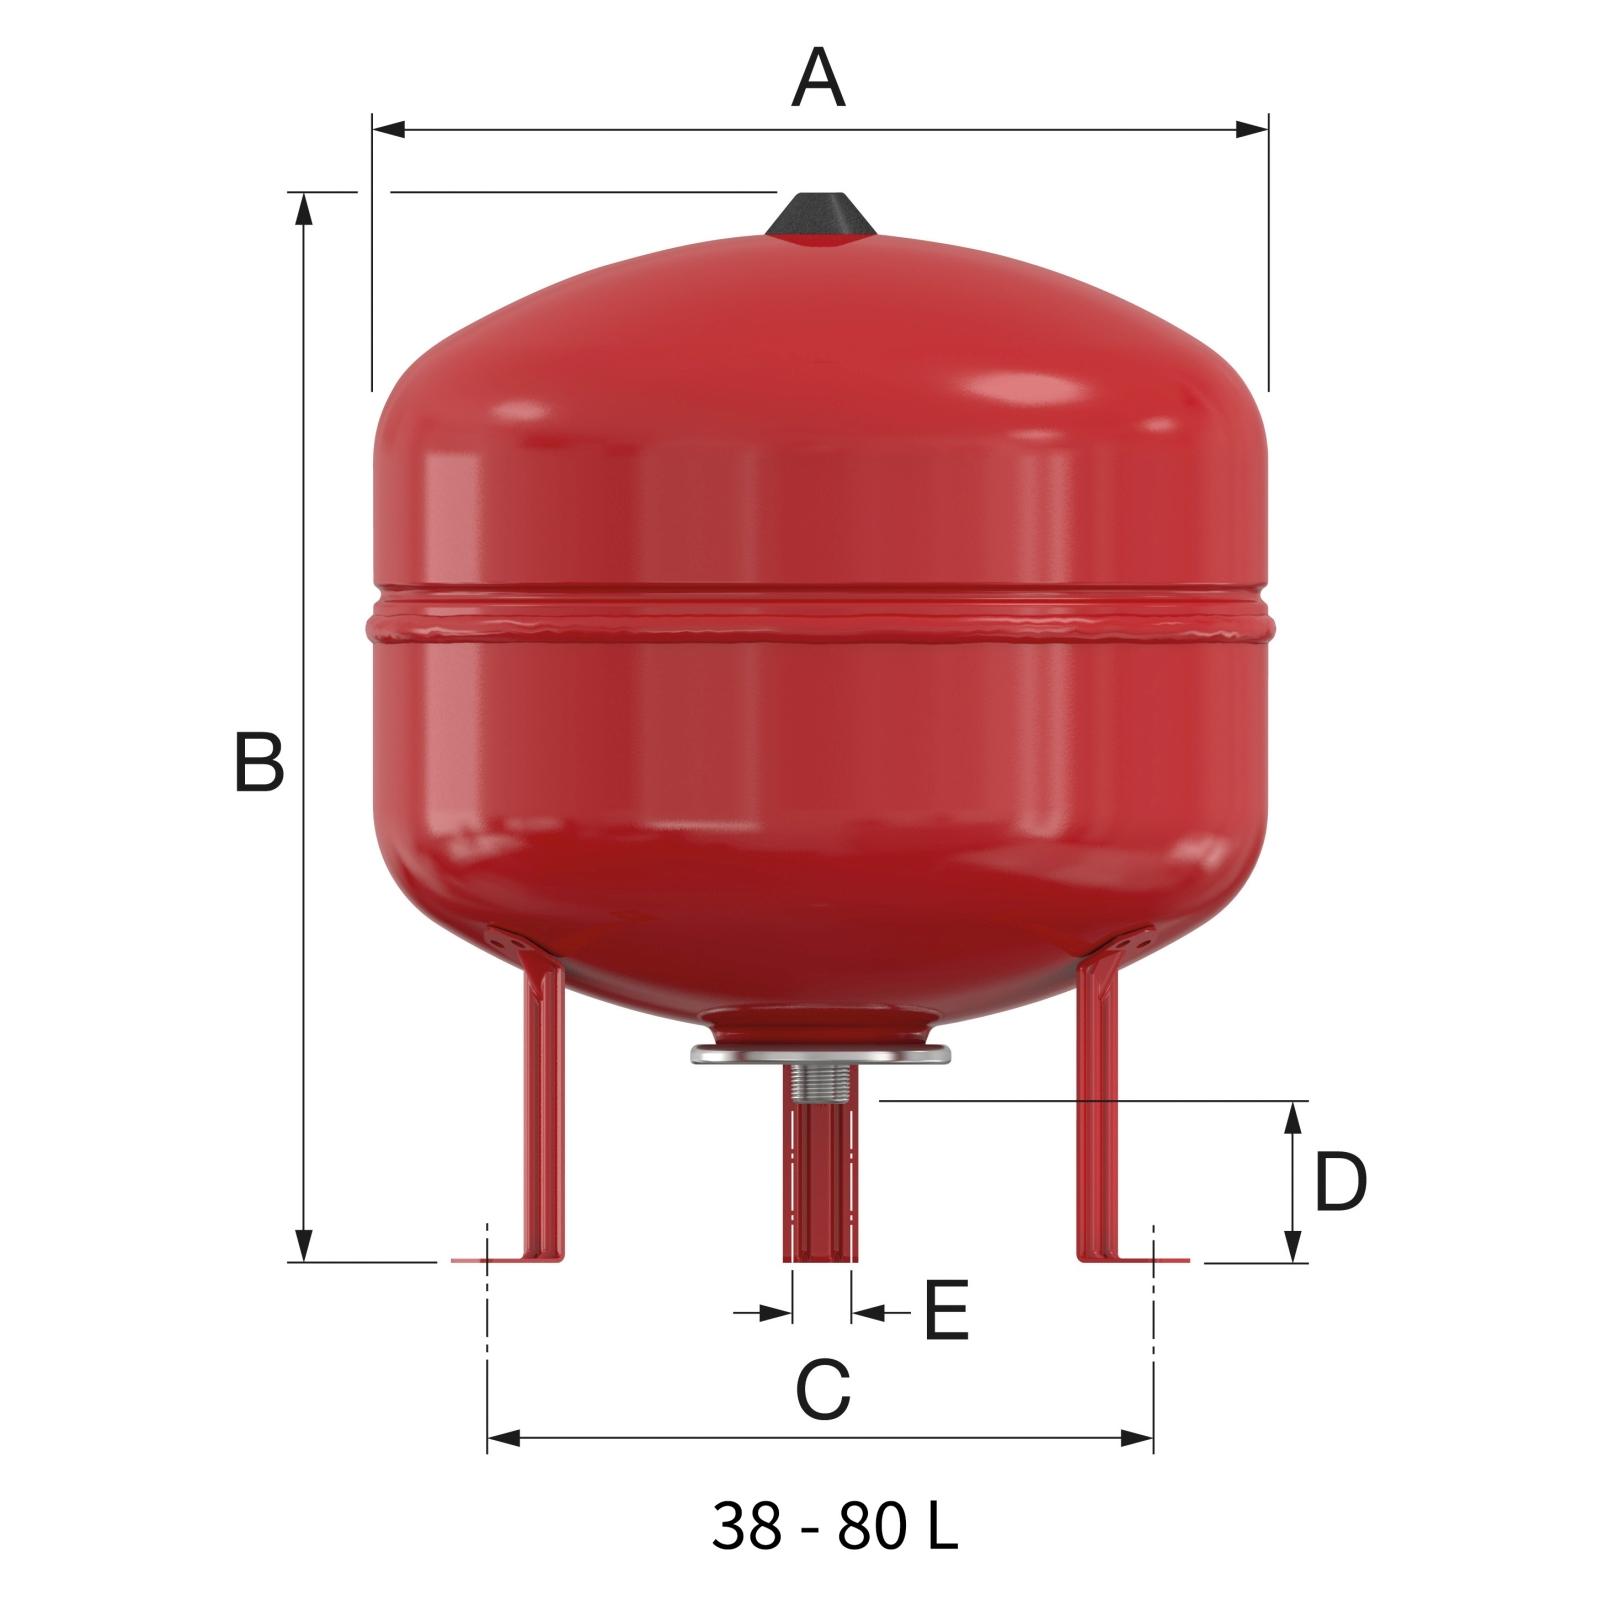 Flamco Baseflex fűtési tágulási tartály 50/1,5 bar álló (25306) műszaki ábra